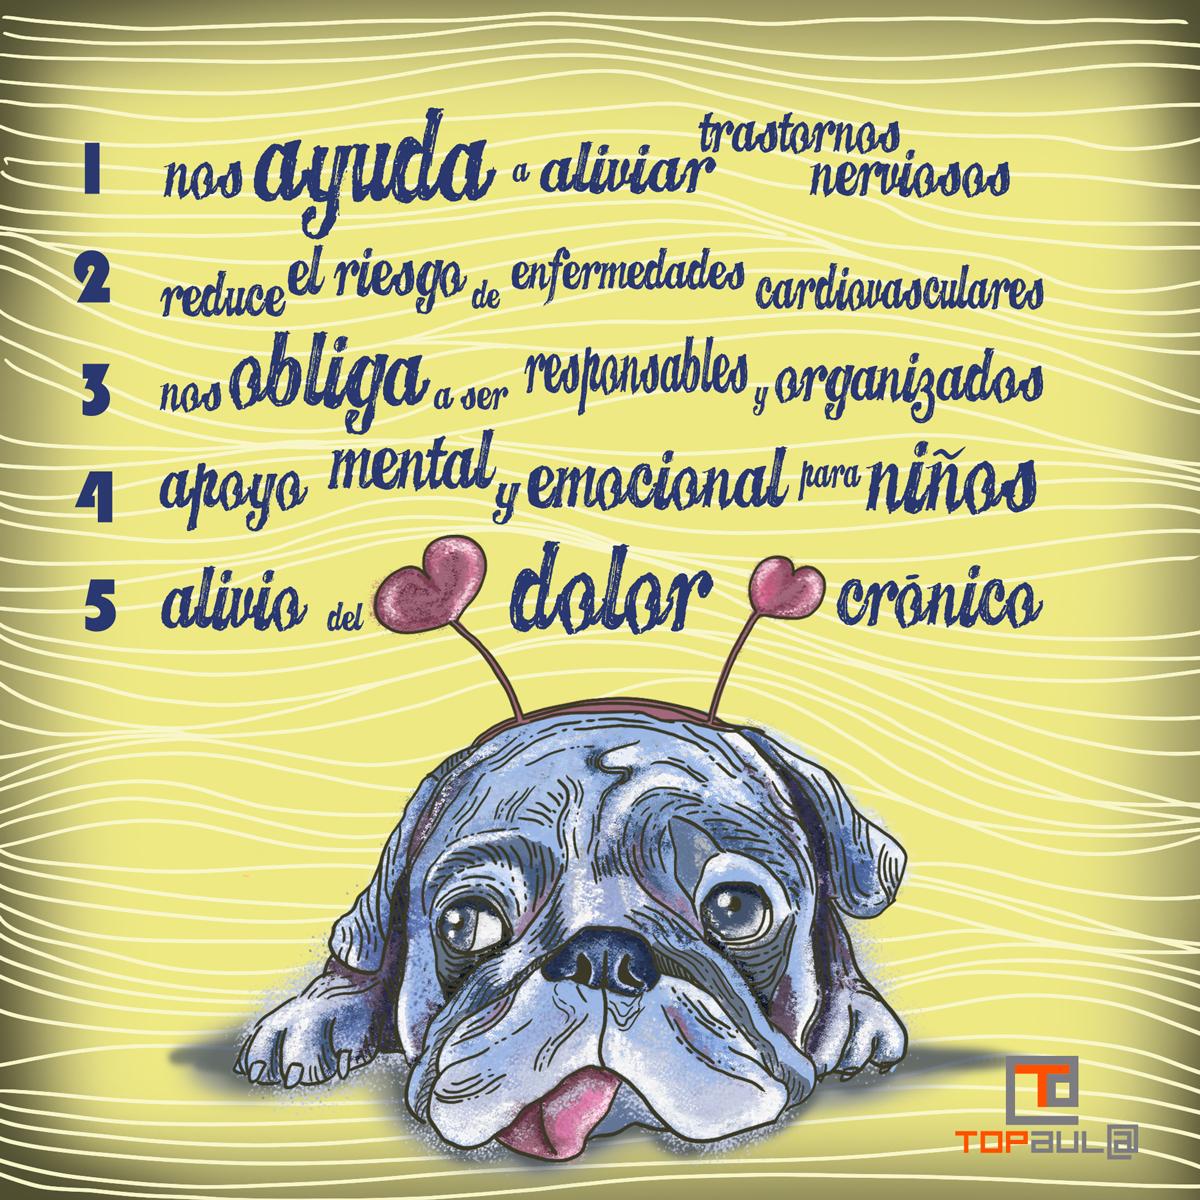 Infografía ¿Qué beneficios nos aporta nuestra mascota para la salud? - www.topaula.com